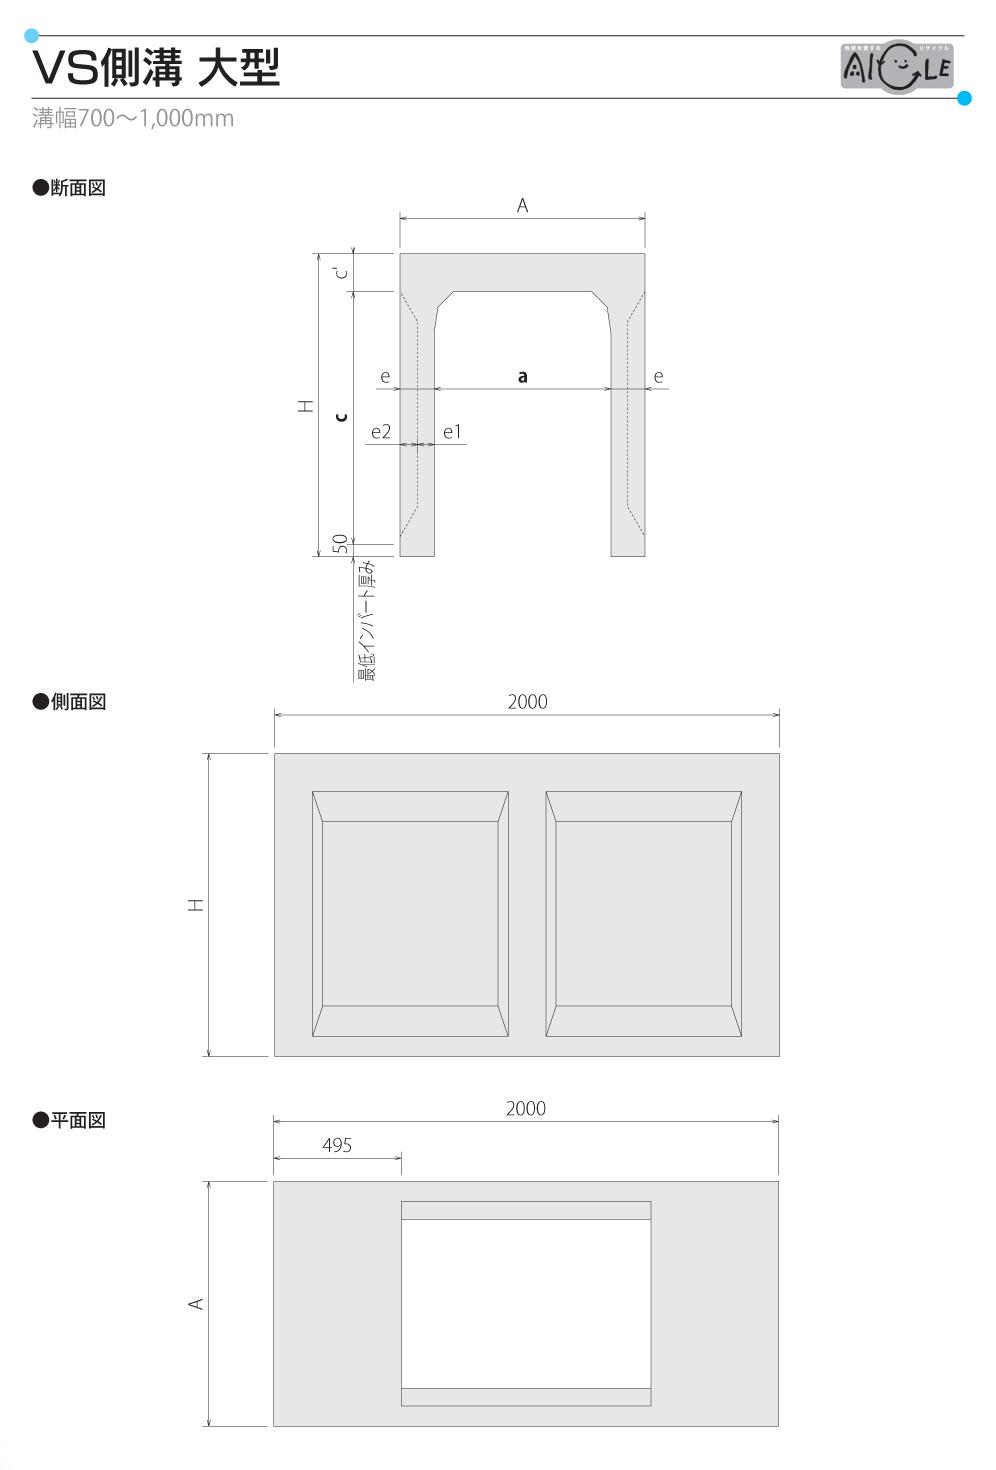 3-1 VS側溝 大型1